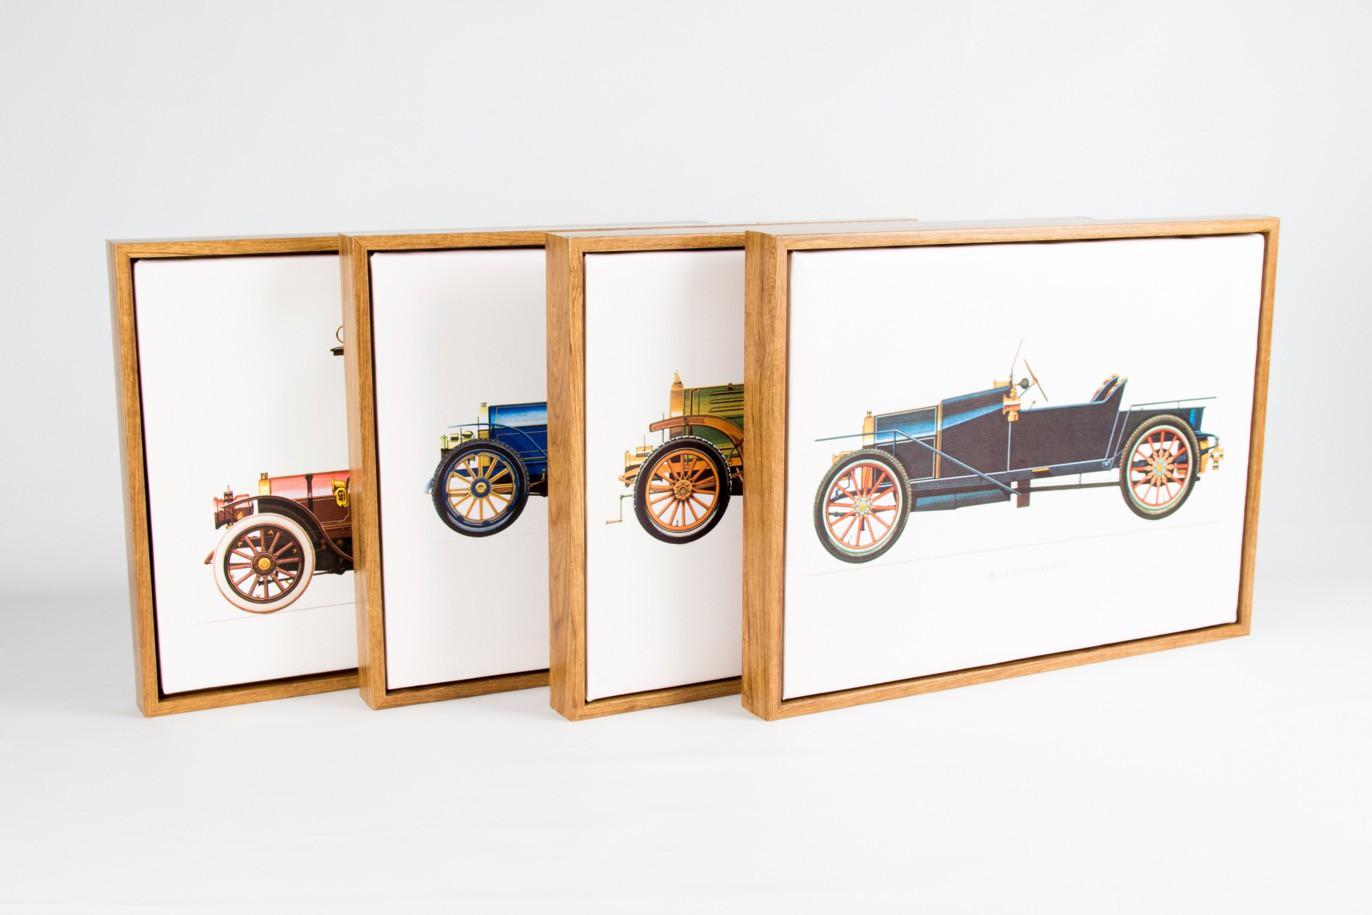 Quadro Tela Lancia 1909